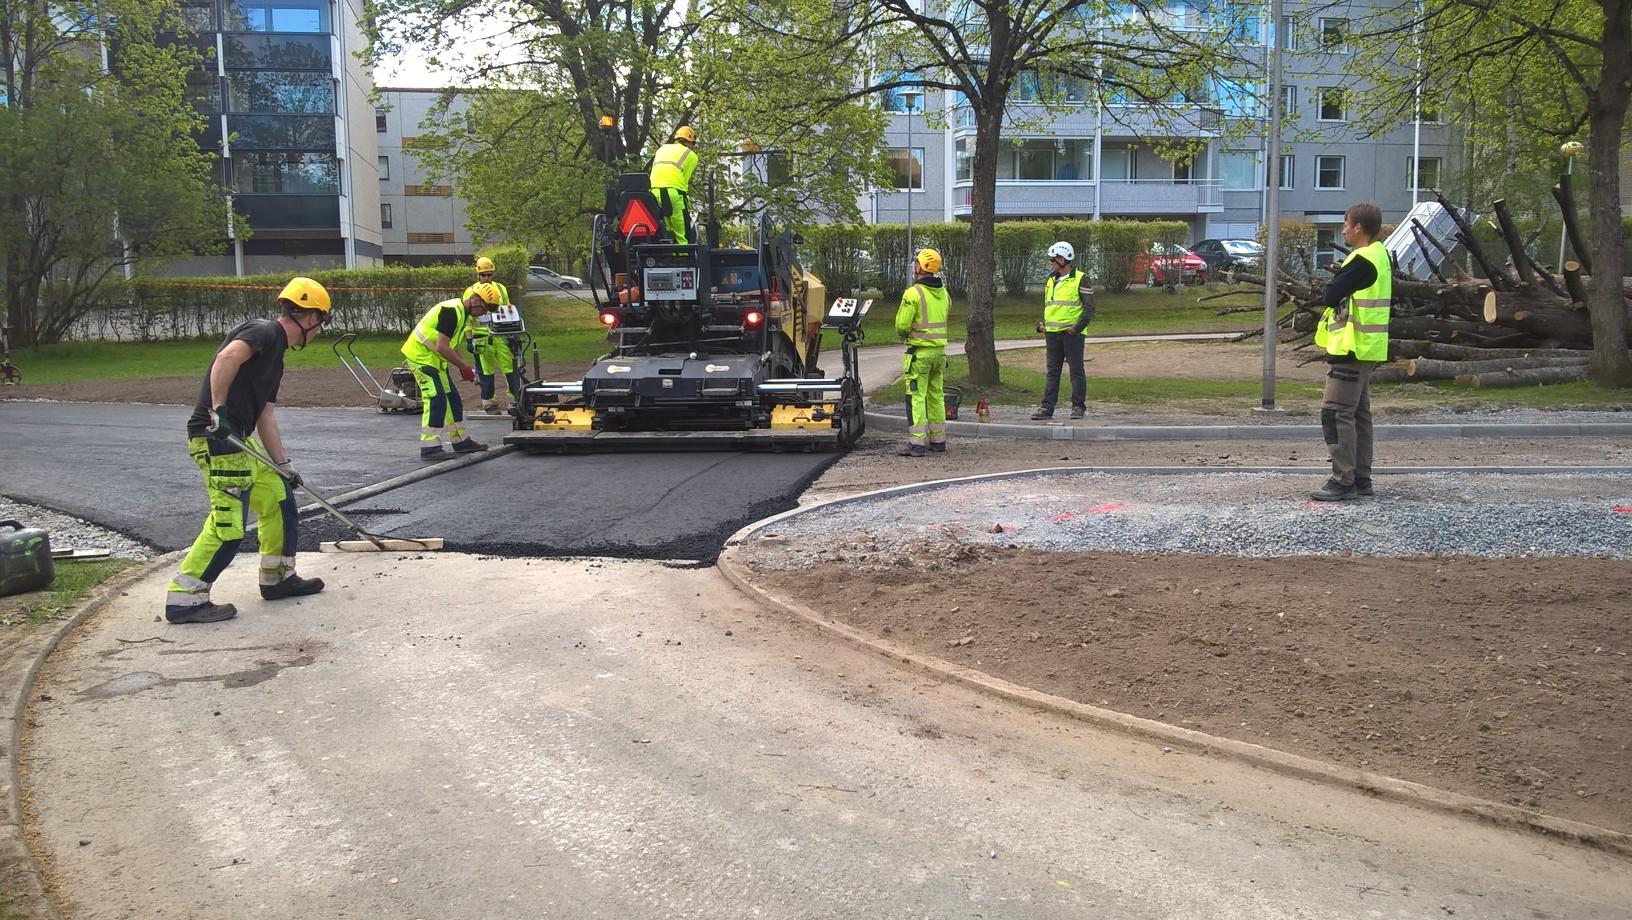 Kaurialan liikennepuisto uudistettiin kevään aikana ja avattiin torstaina 2. kesäkuuta. (kuva: Hämeenlinnan kaupunki)